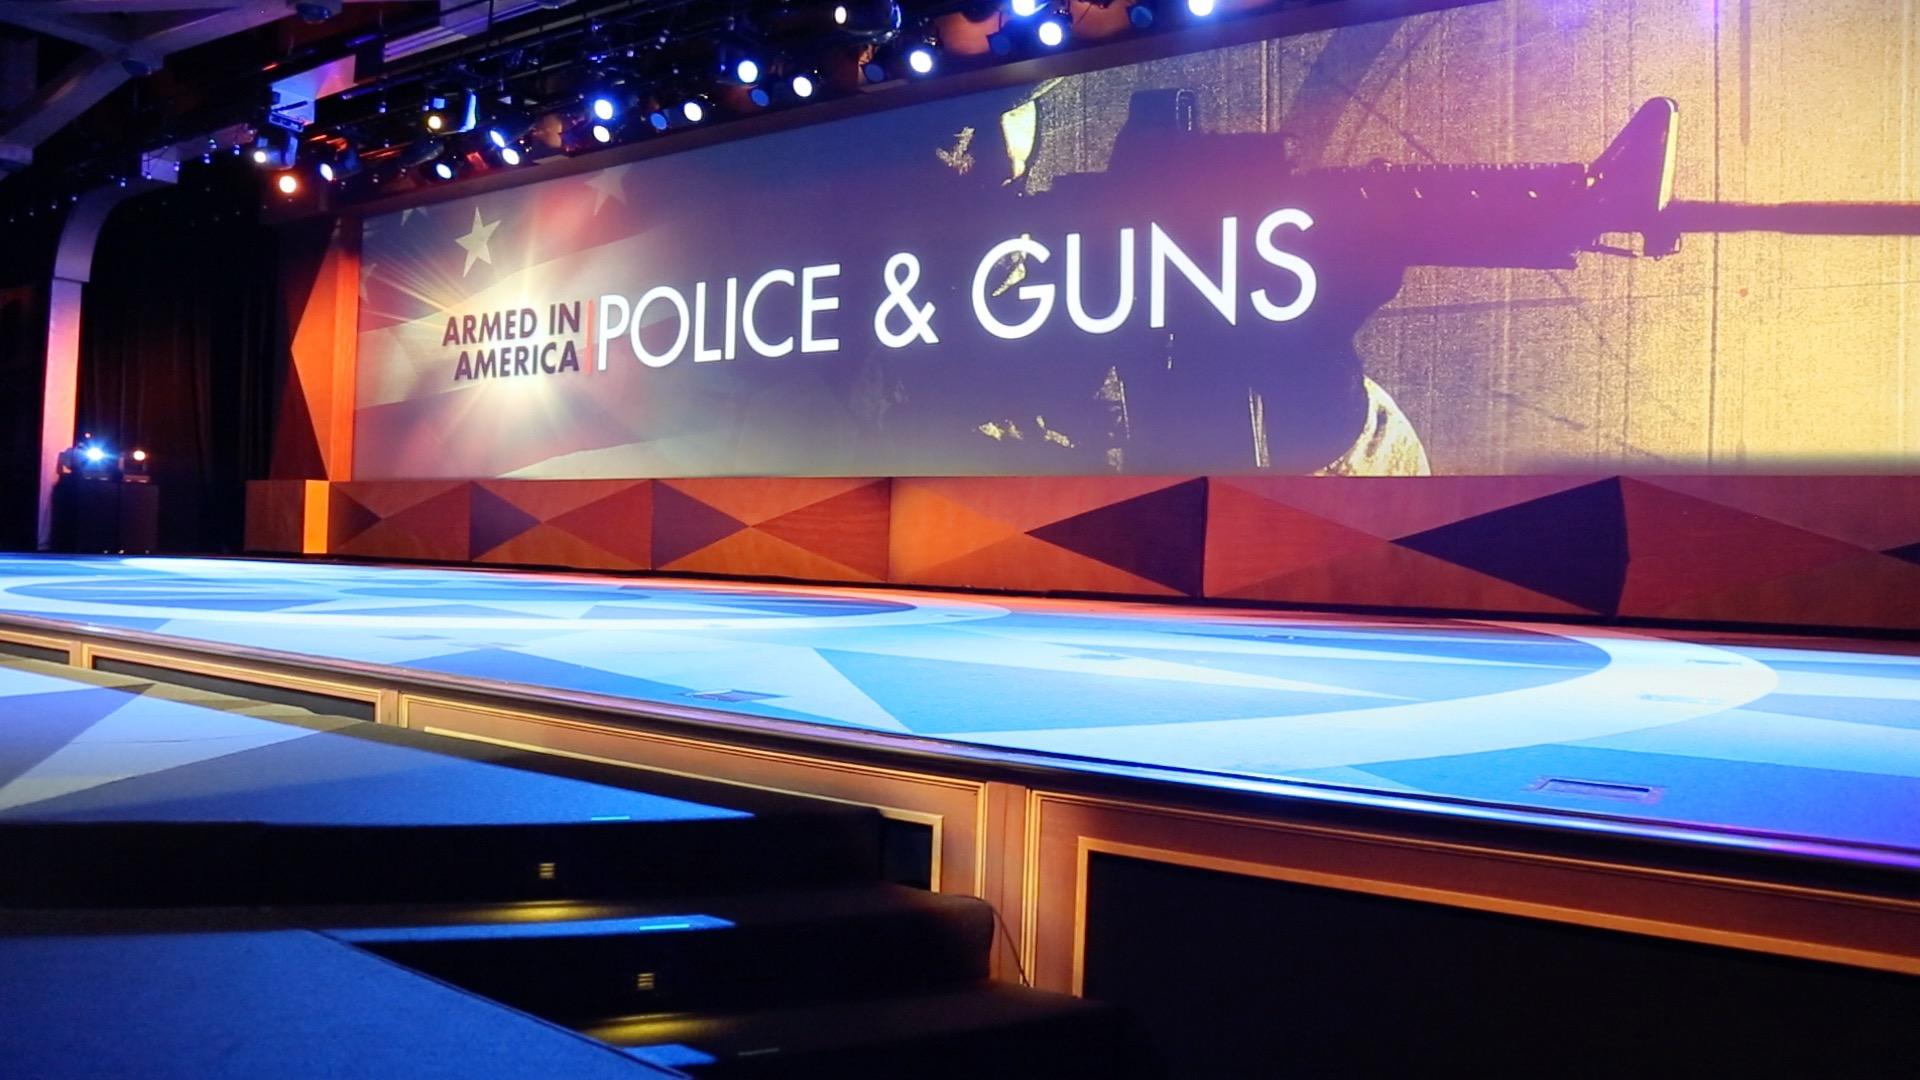 Armed in America: Police & Guns